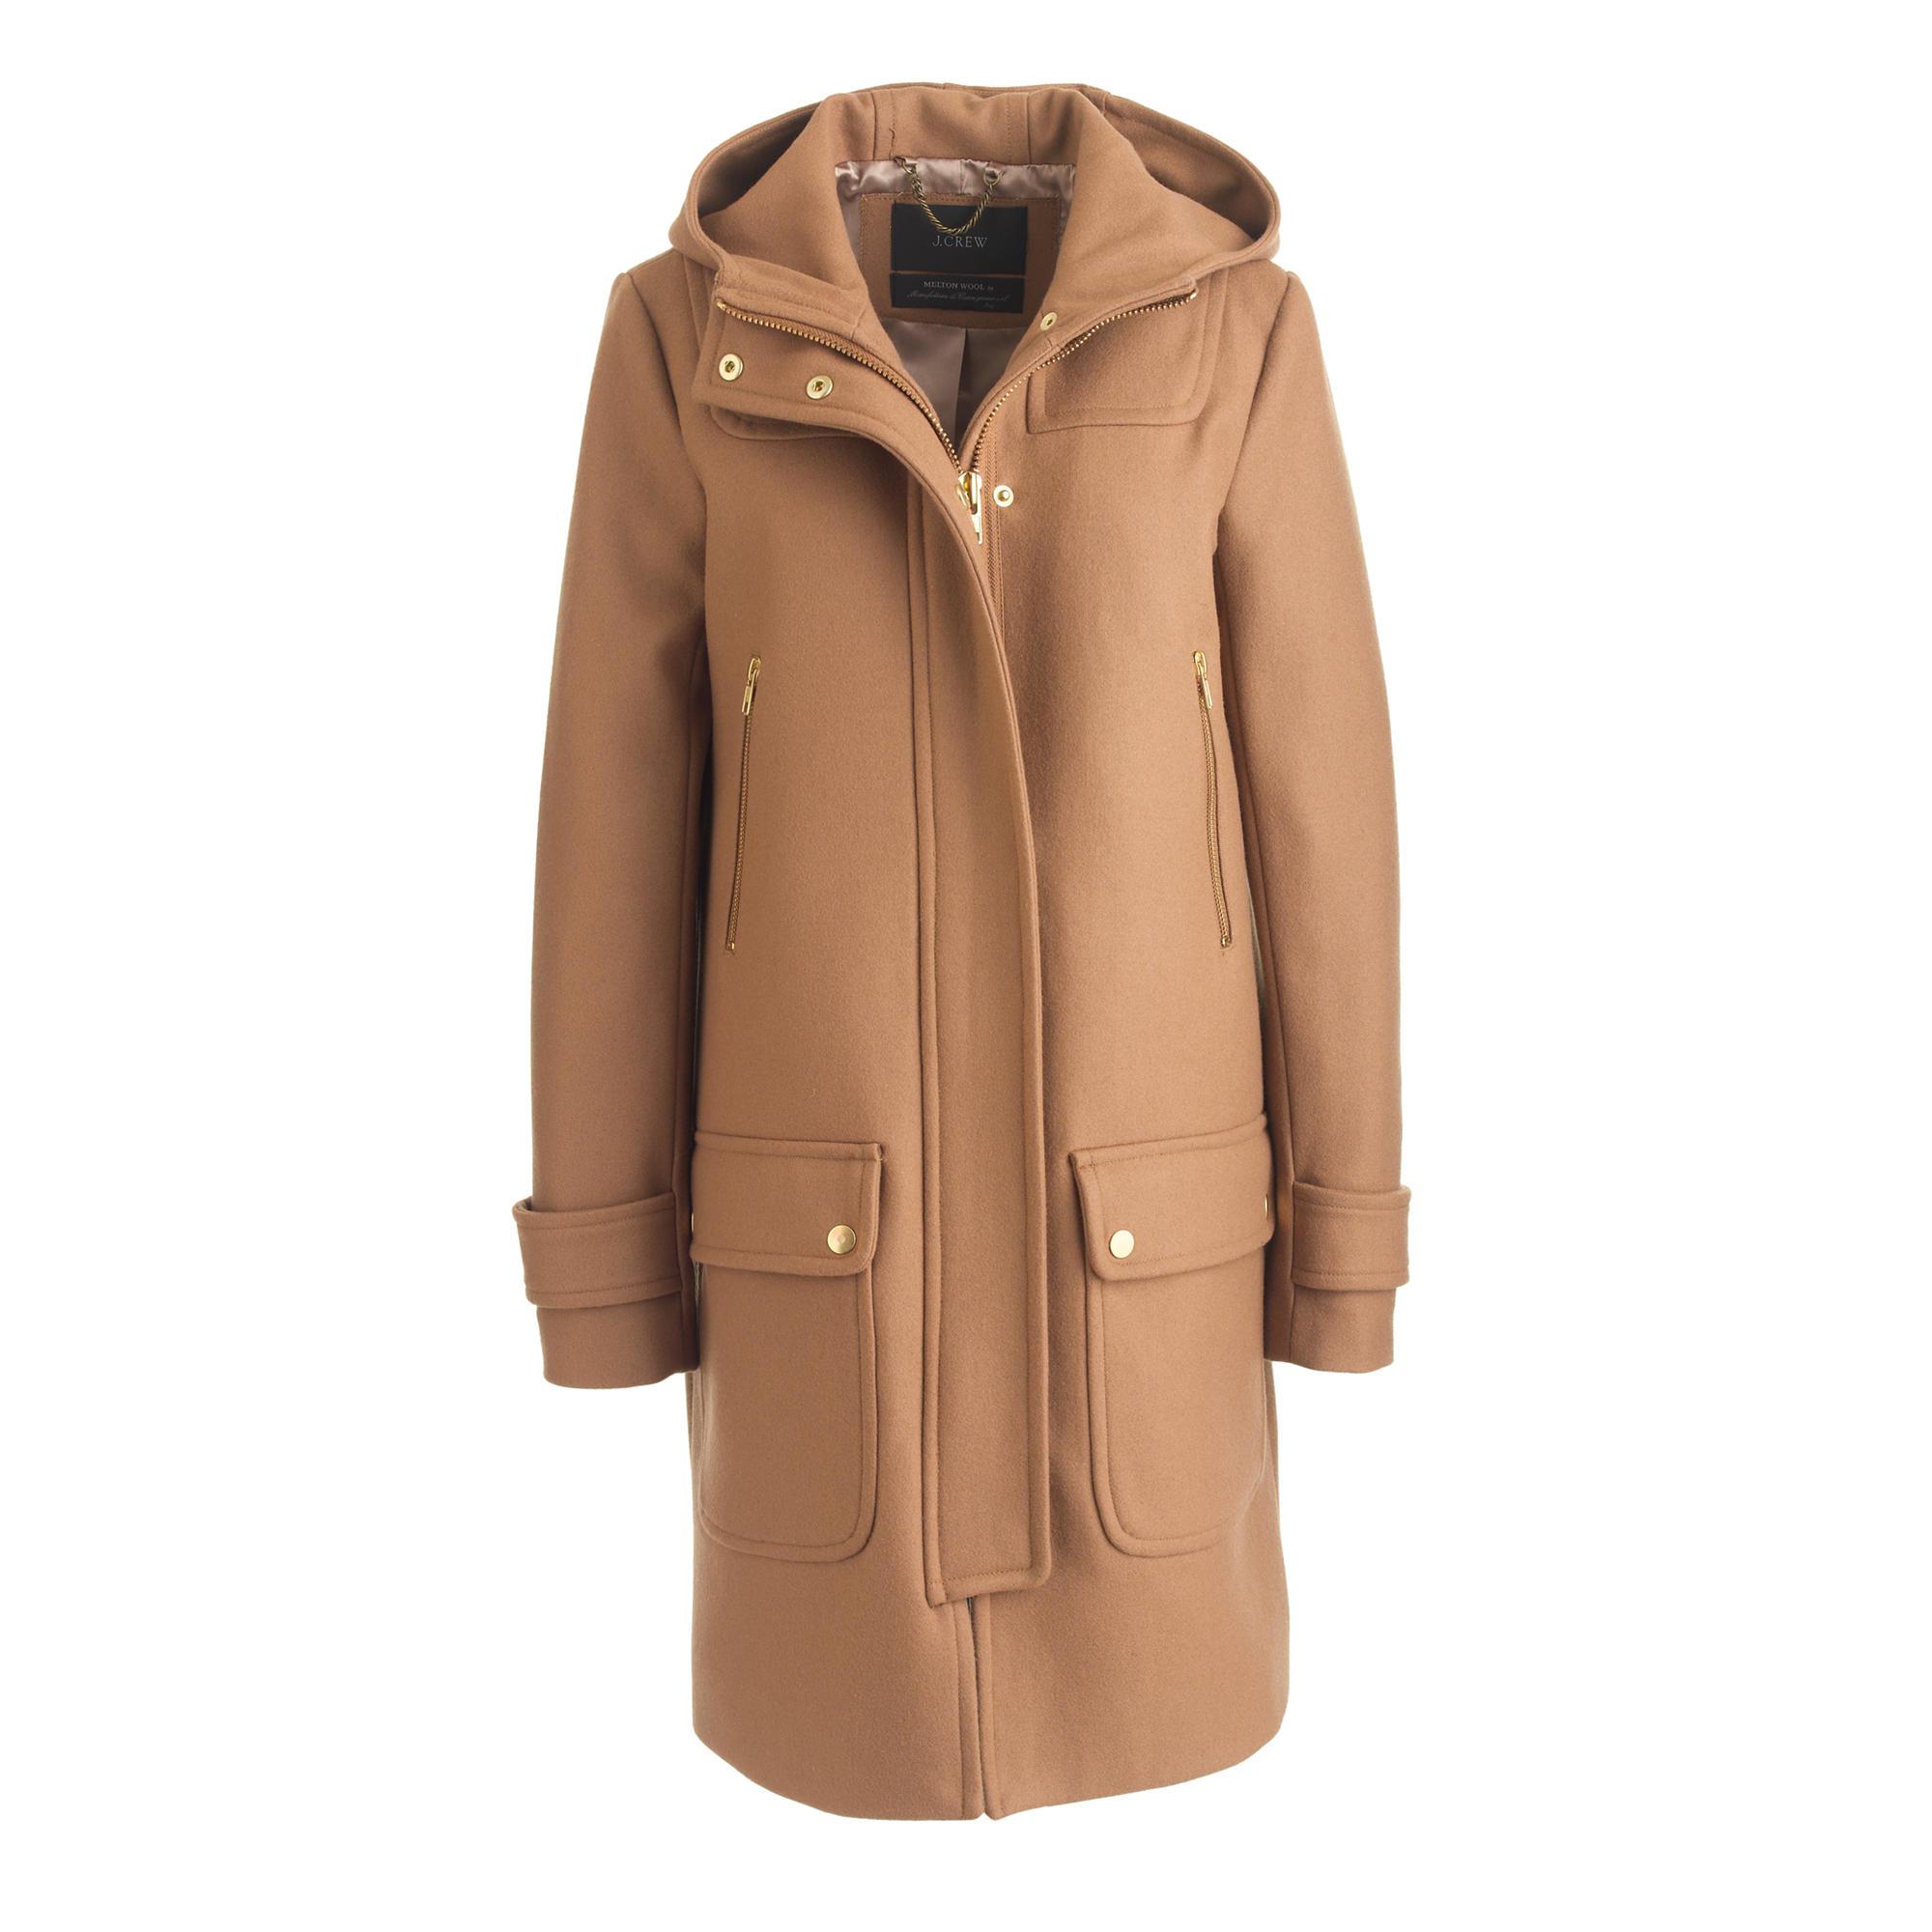 J.crew Petite Wool Melton Duffle Coat in Natural | Lyst